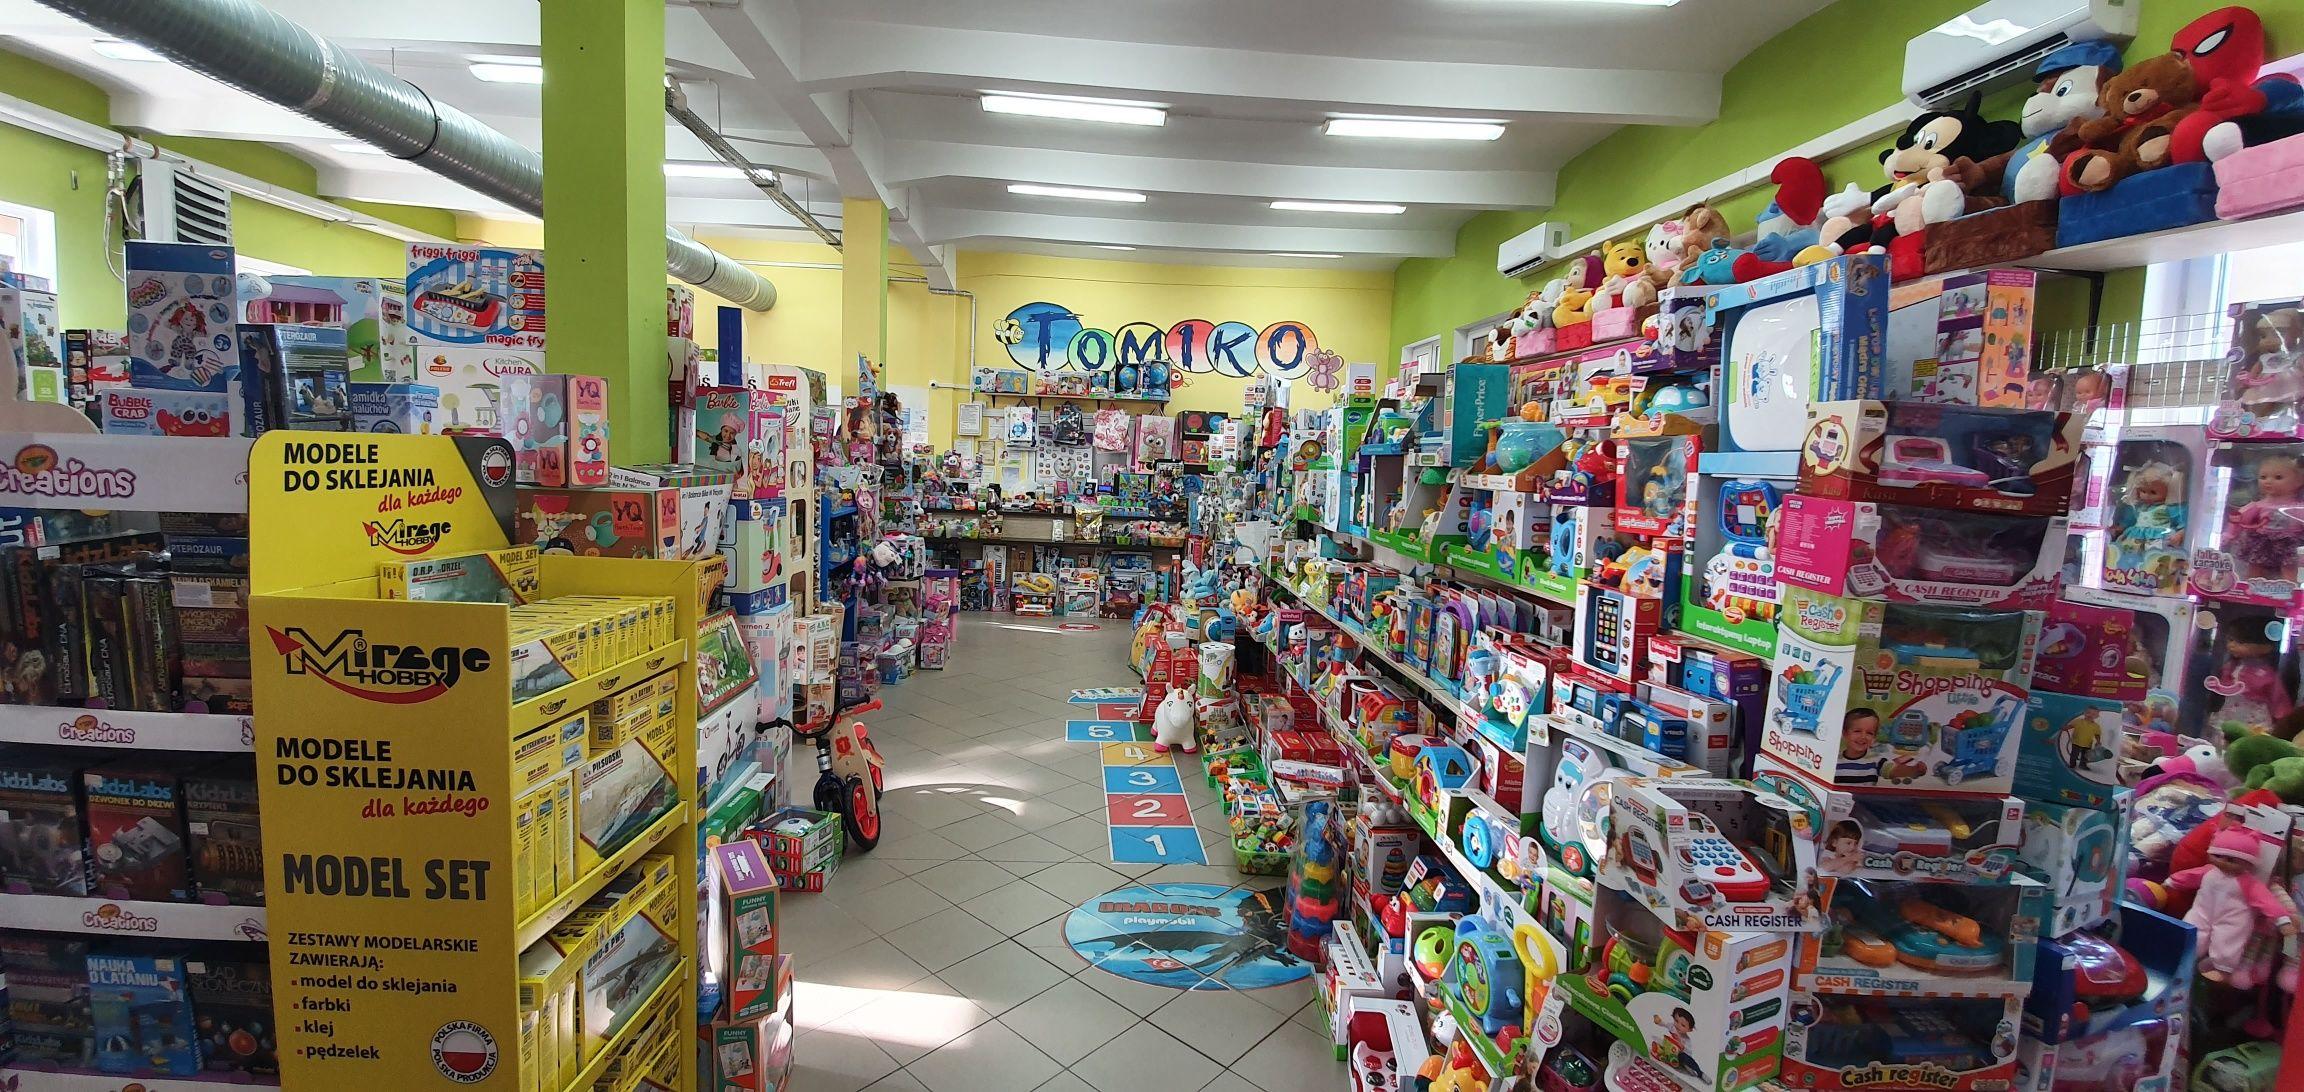 Jak co roku sklep Tomiko zaprasza na mikołajkowo-świąteczne zakupy